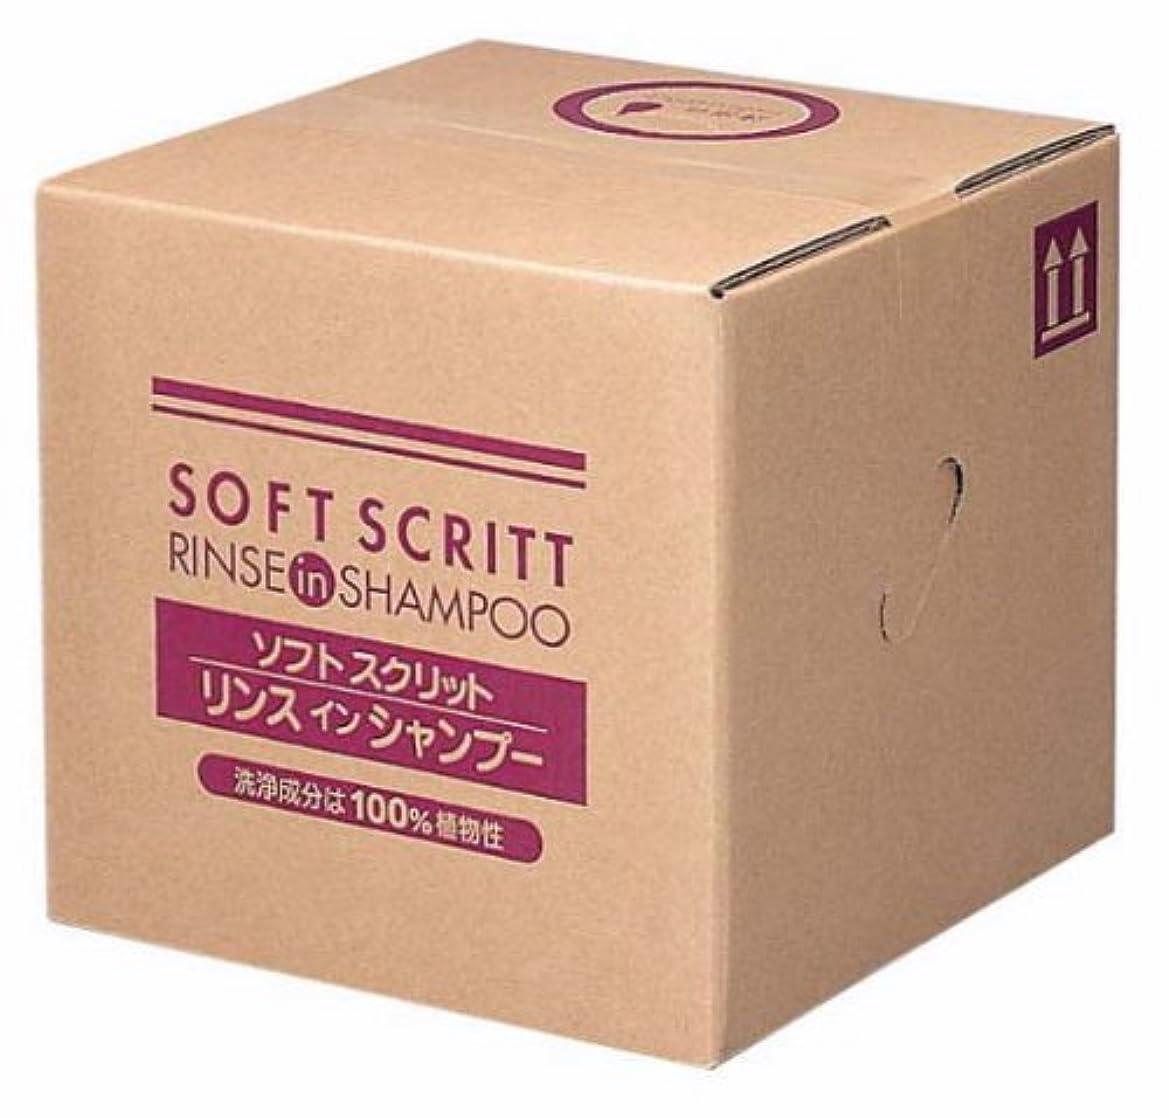 推定ファウル発症熊野油脂 業務用 SOFT SCRITT(ソフト スクリット) リンスインシャンプー 18L